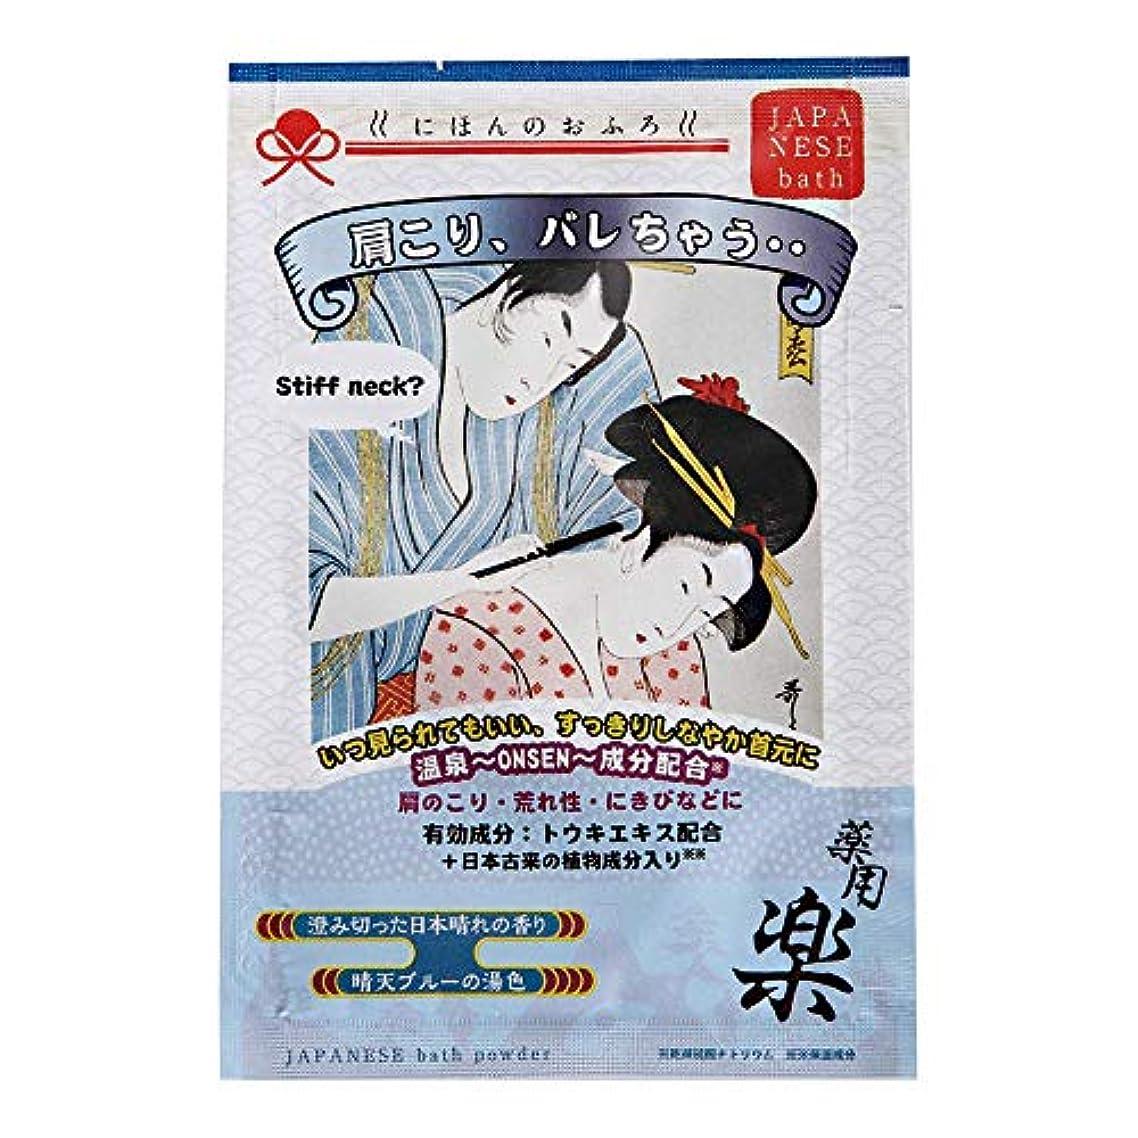 にほんのおふろ 肩こり、バレちゃう?? 澄み切った日本晴れの香り 25g